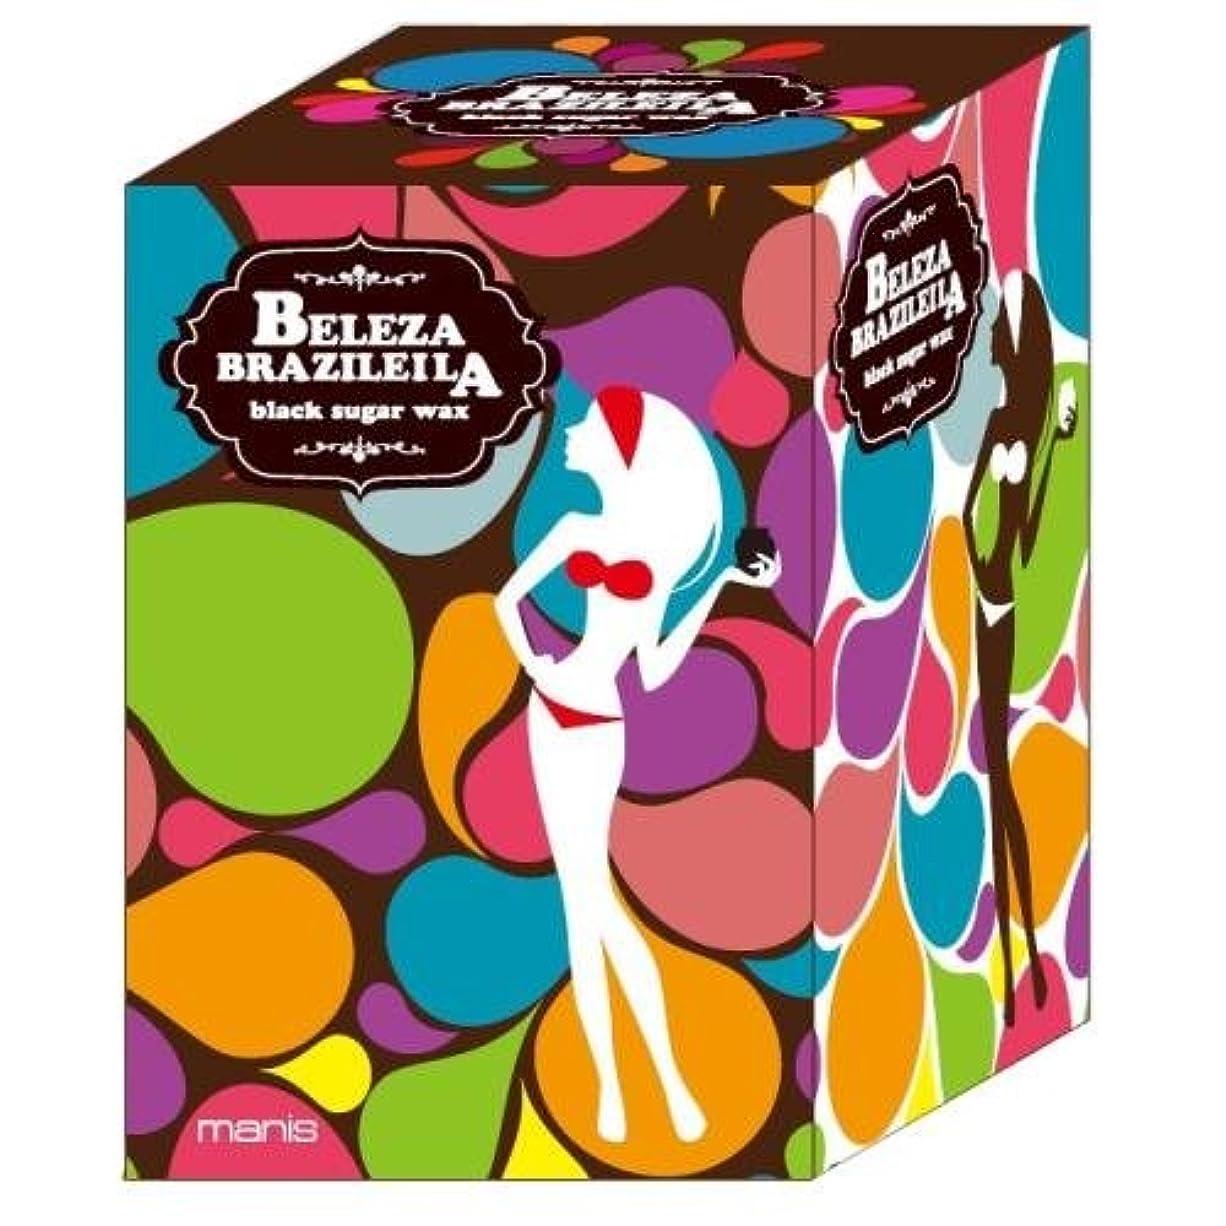 器具良い伝統的マニス ベレーザブラジレイラ ブラックシュガーワックス